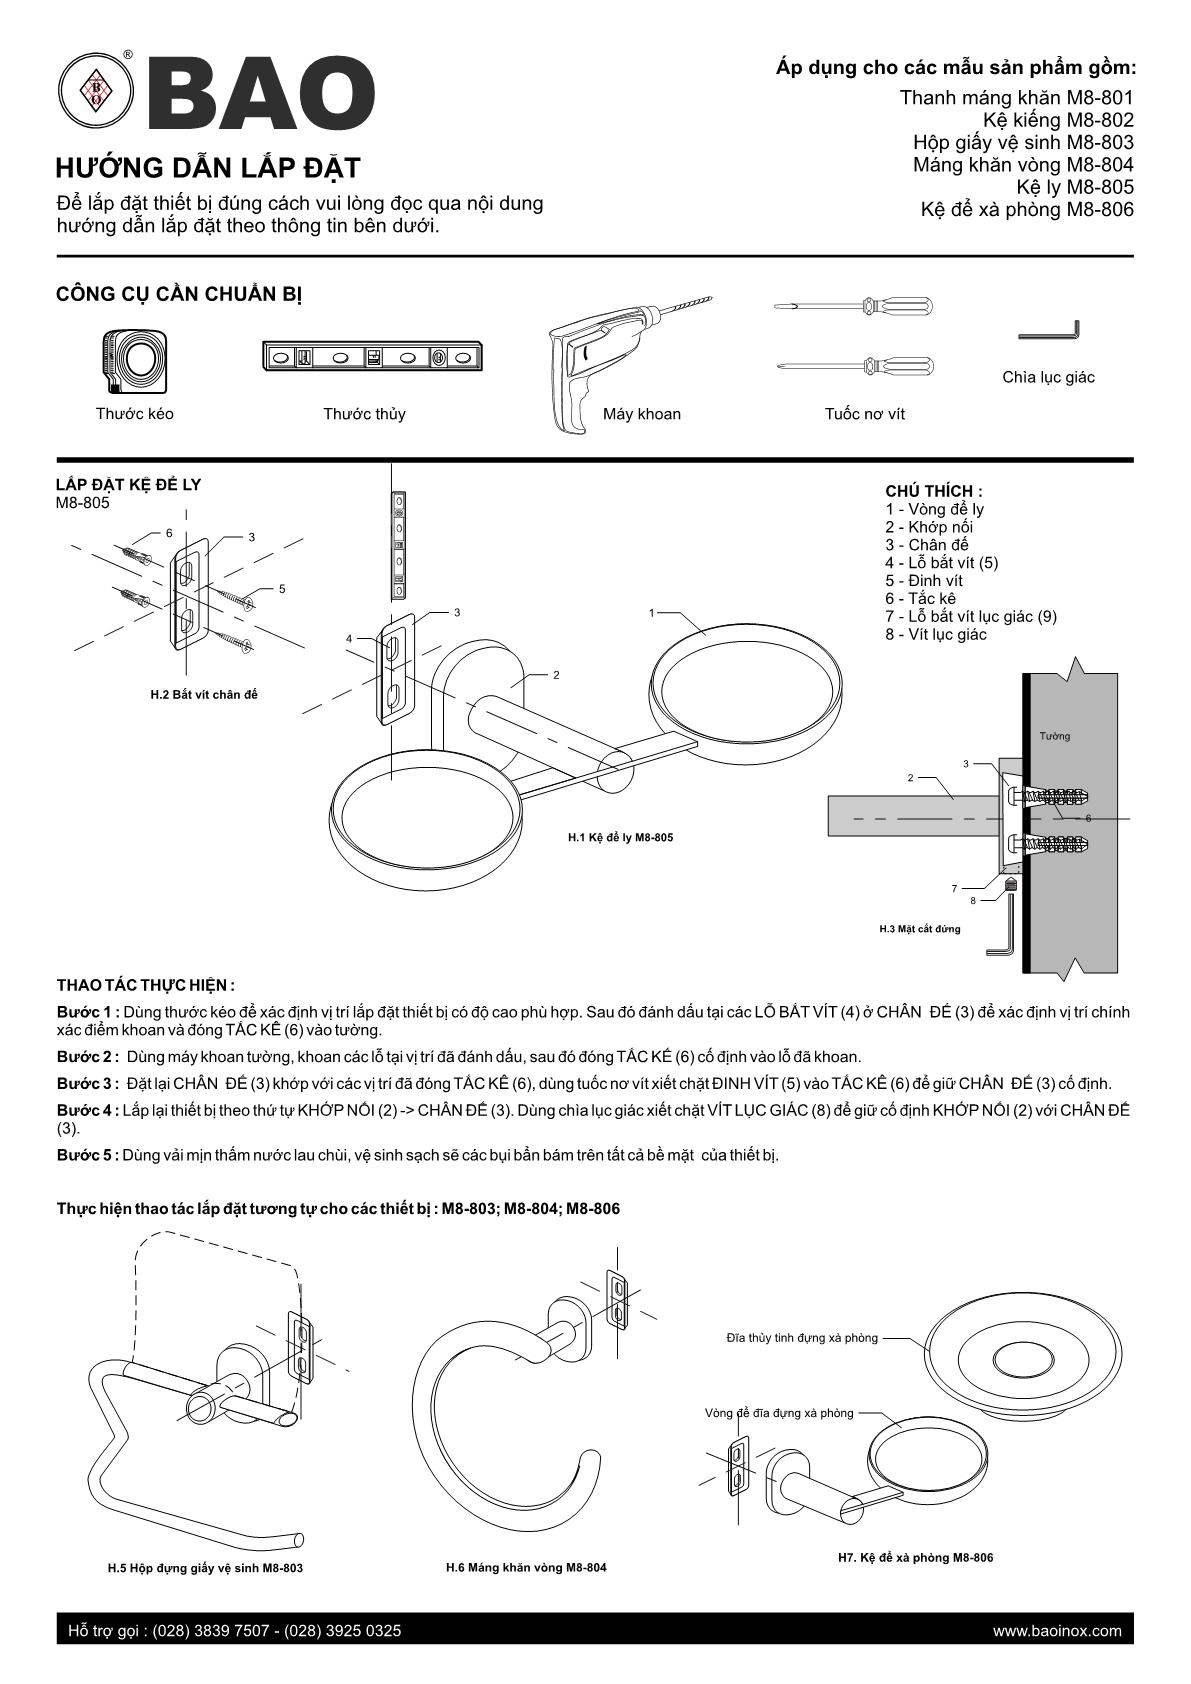 Hướng dẫn lắp đặt Bộ phụ kiện phòng tắm BAO-6M8